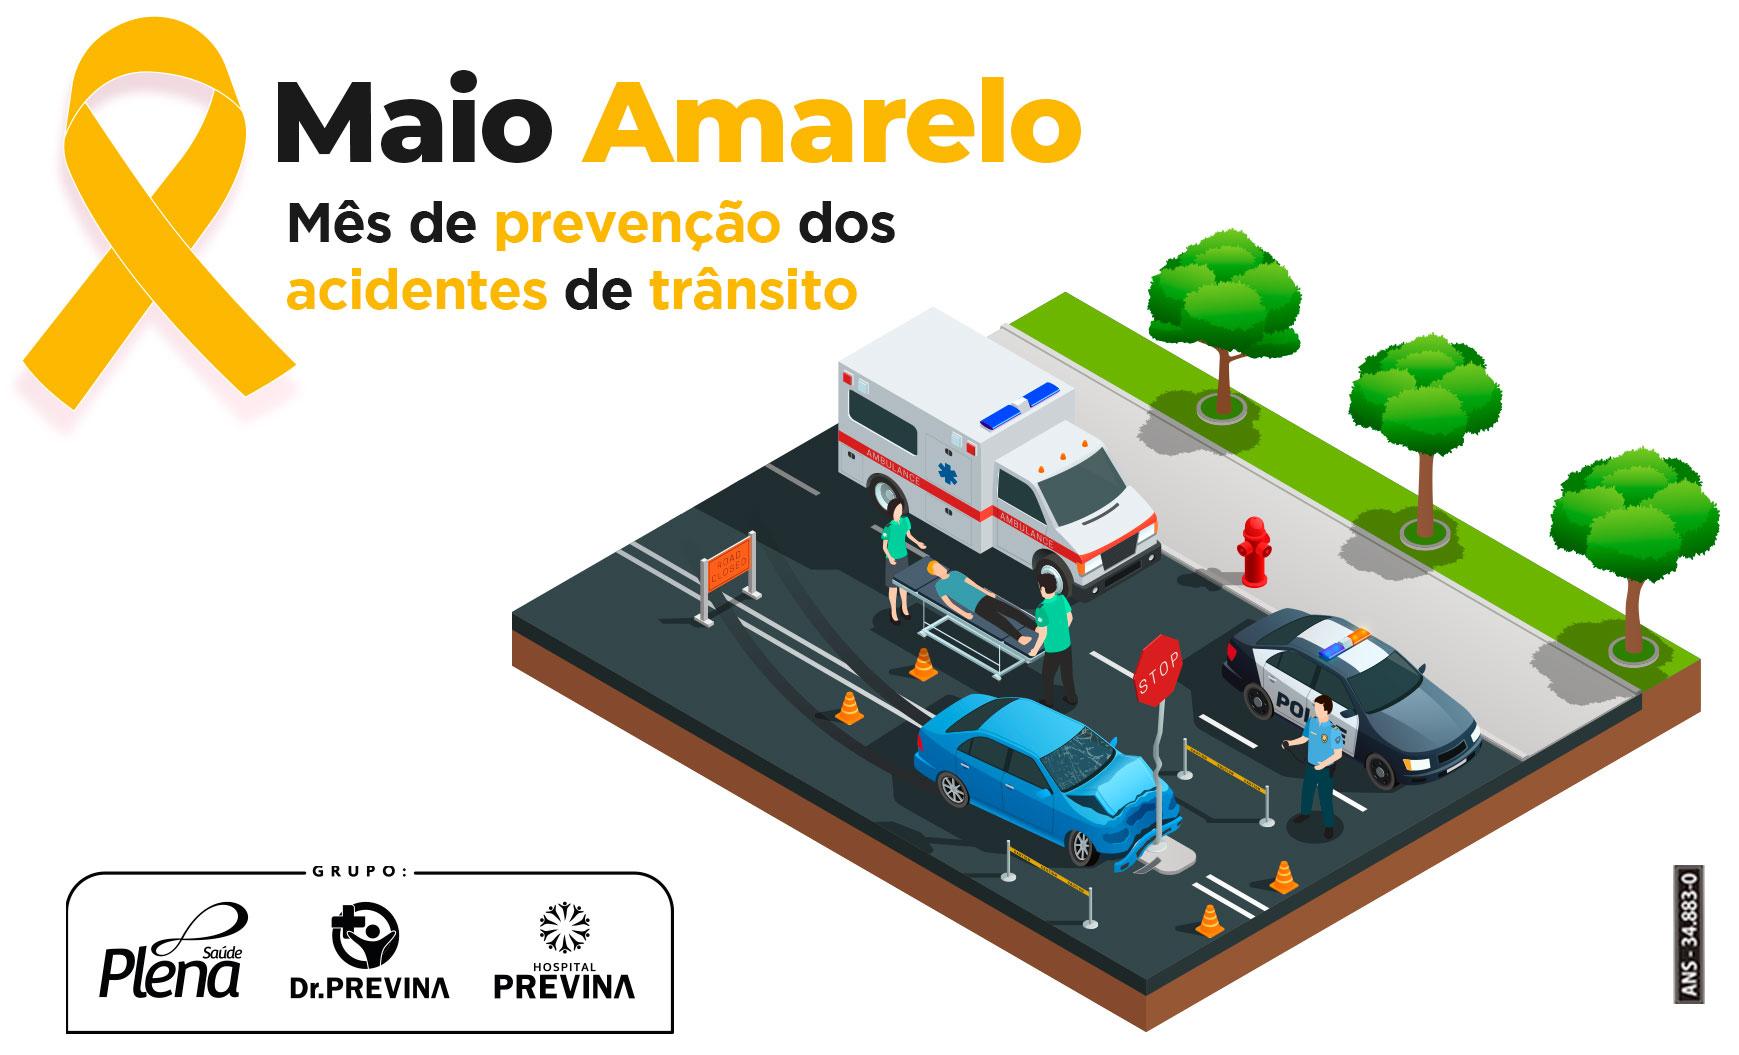 Maio Amarelo – Mês de prevenção dos acidentes de trânsito